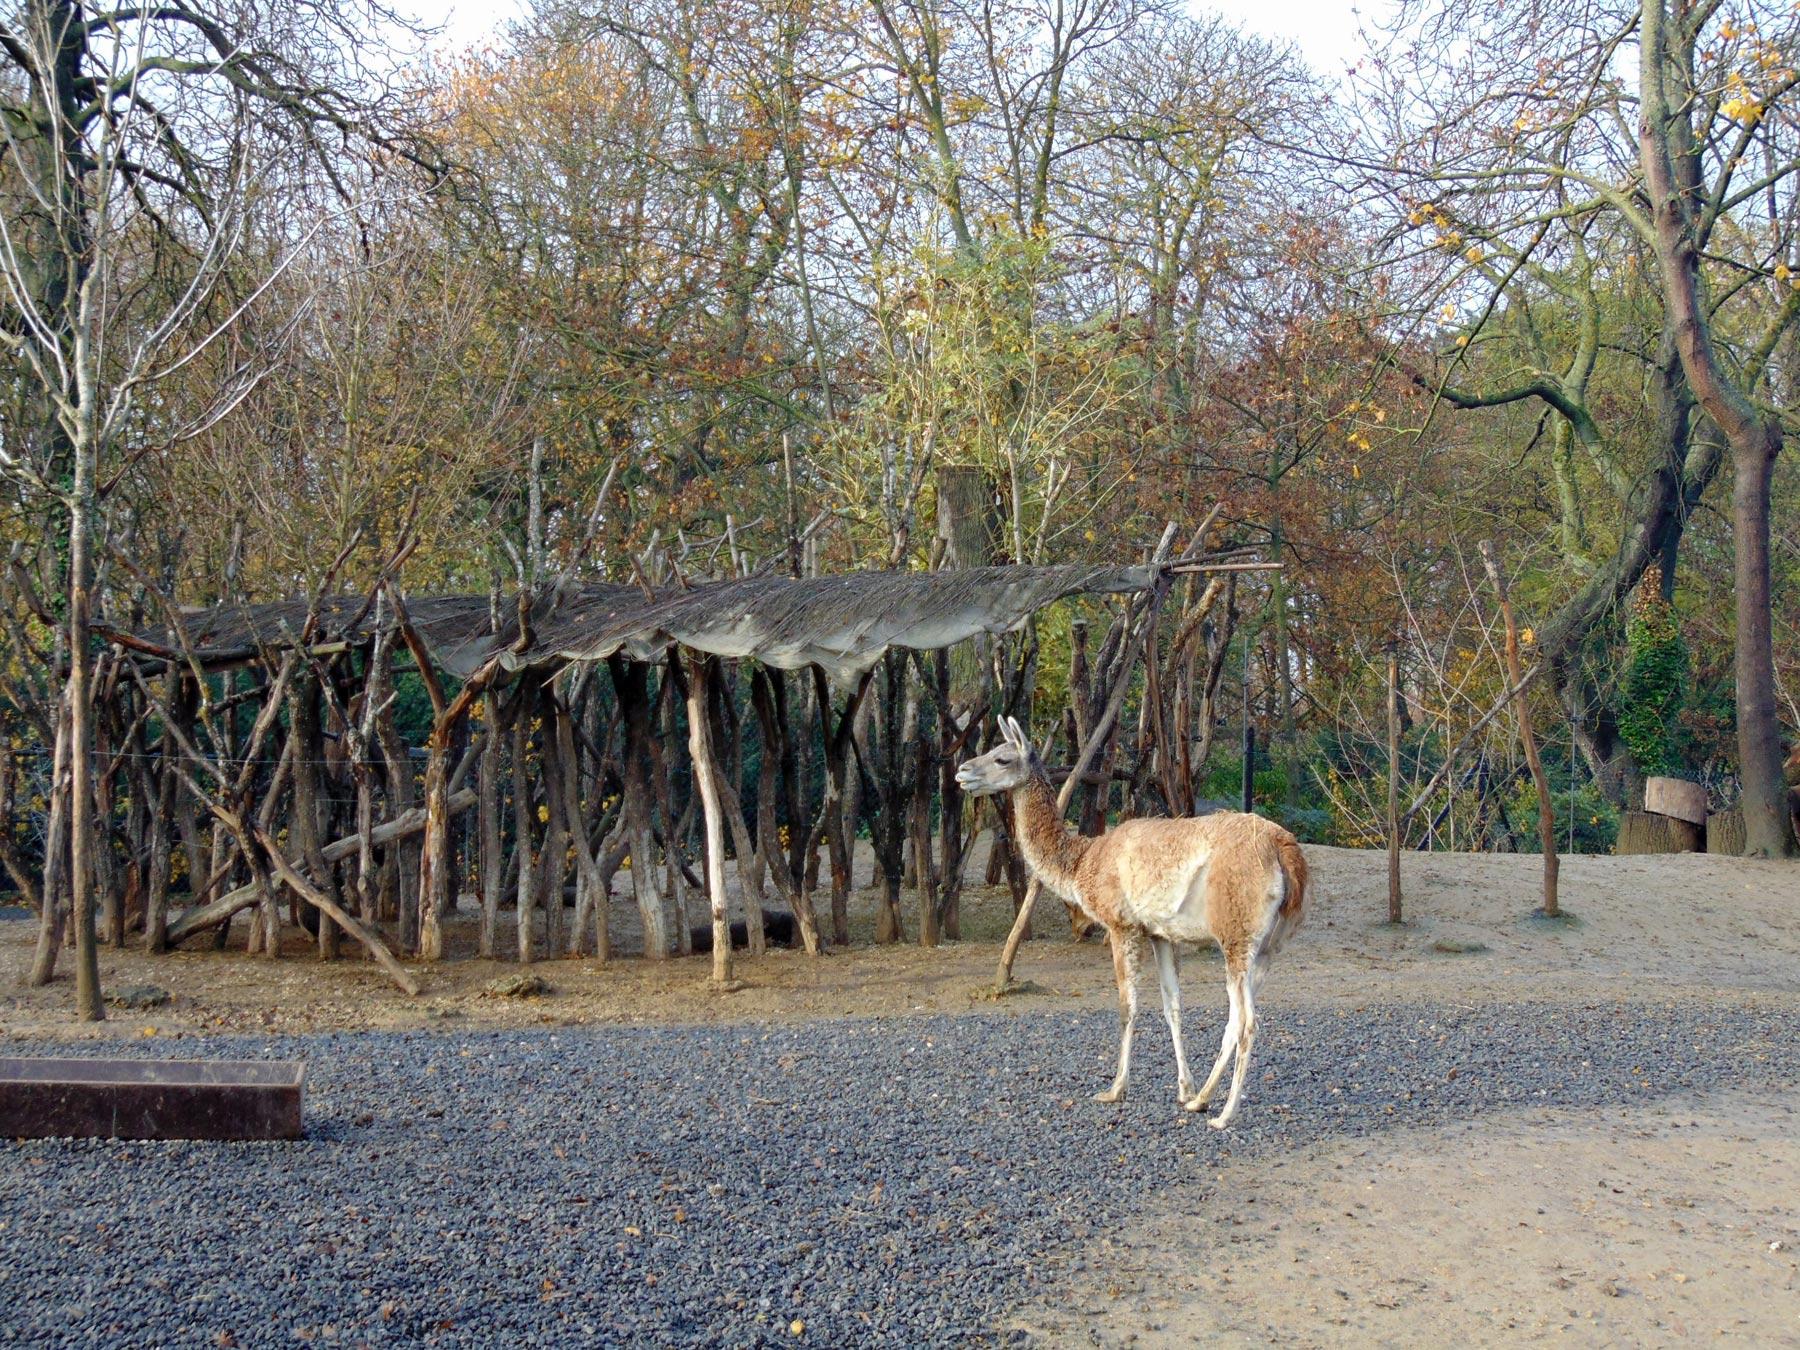 загоны с животными в зоопарке Парижа